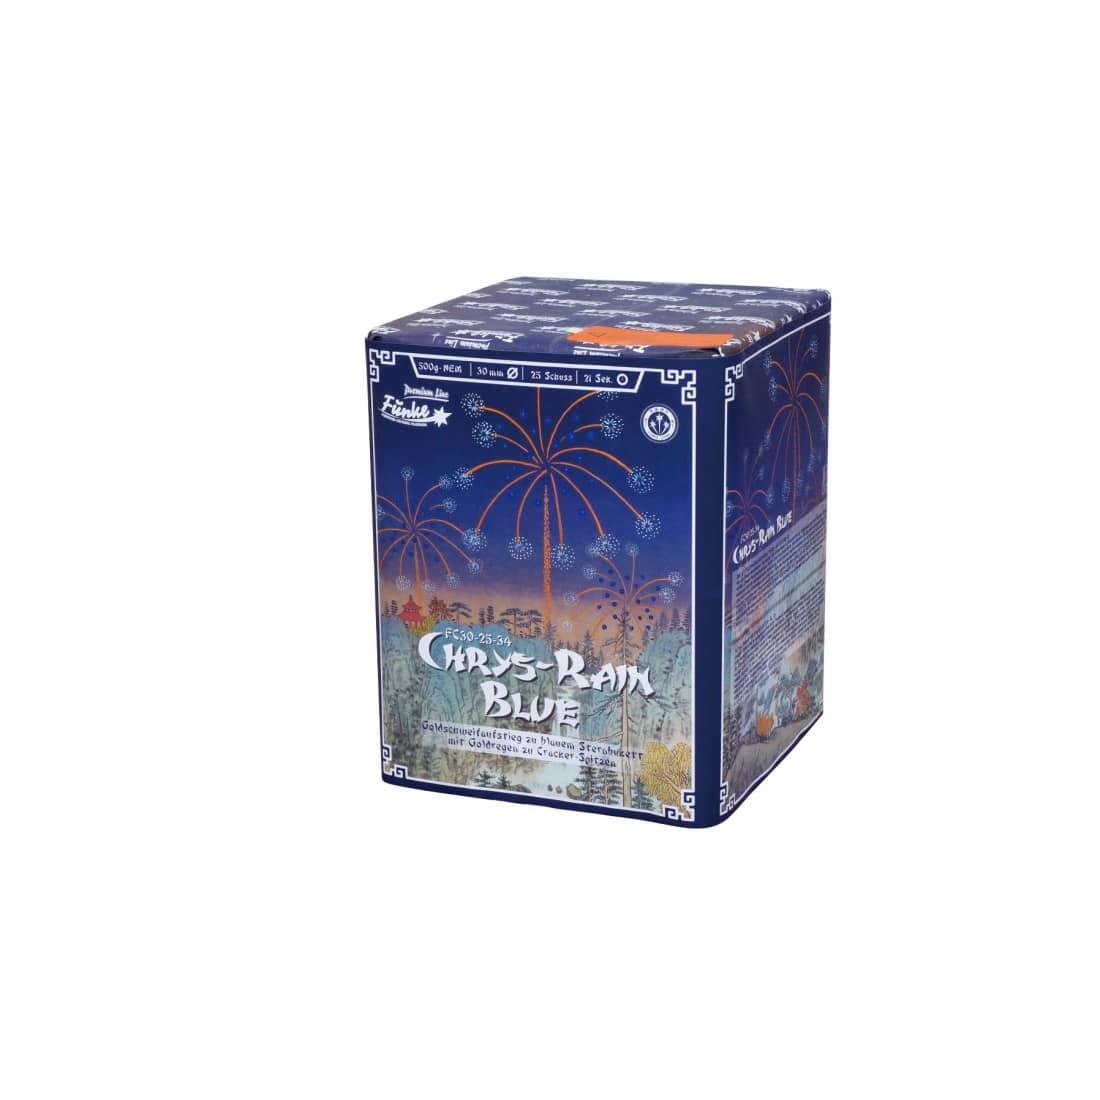 Funke Chrys-Rain Blue 25 Schuss Feuerwerksbatterie